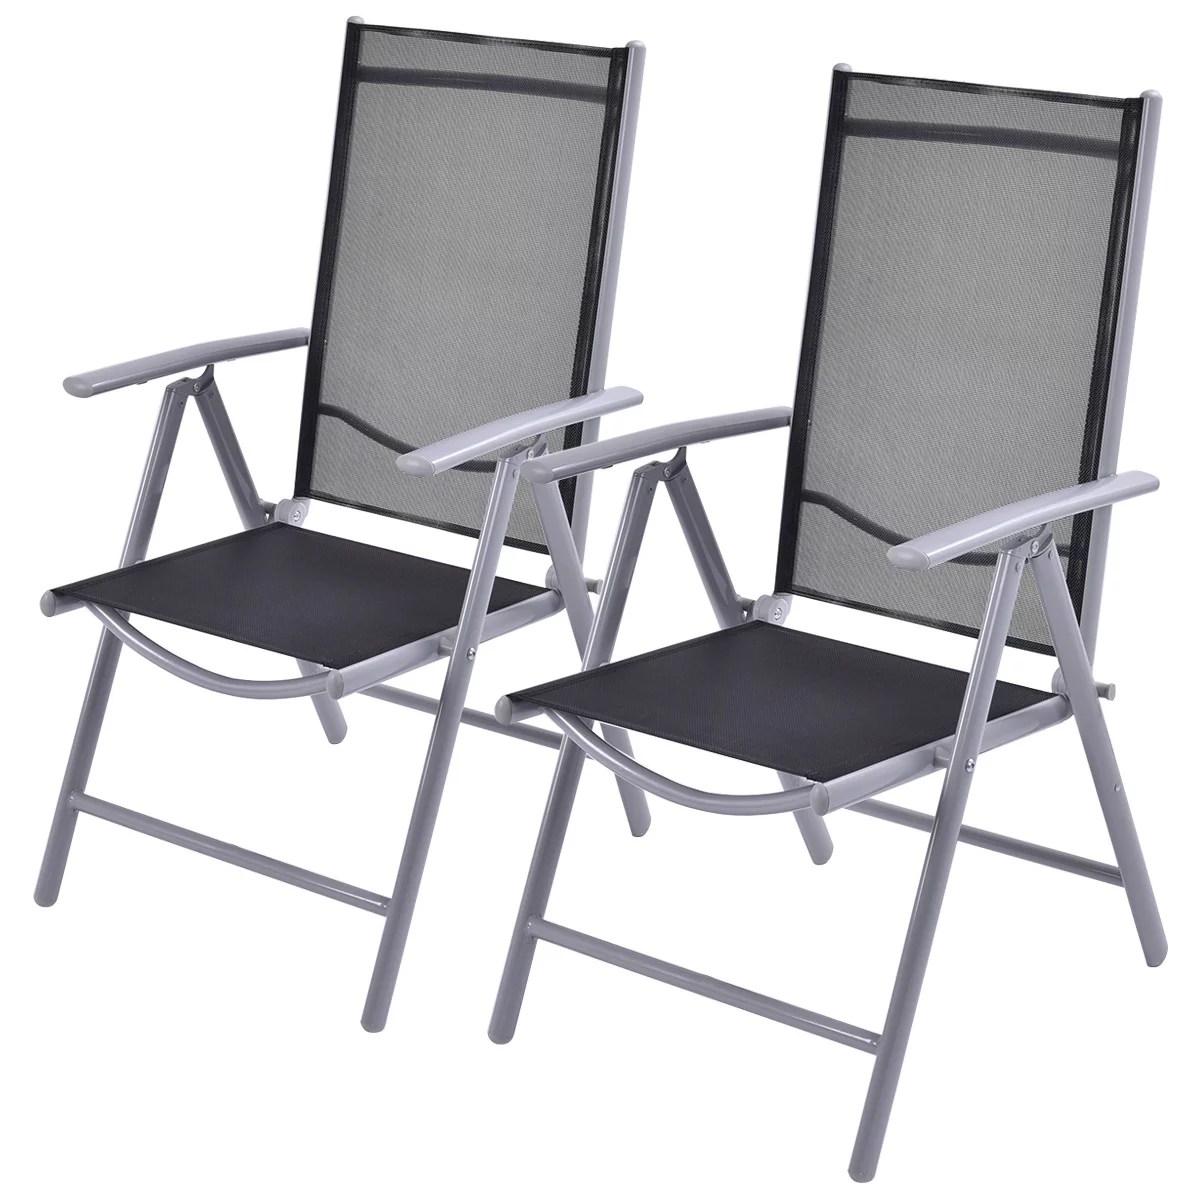 Costway Set Of 2 Patio Folding Chairs Adjustable Reclining Indoor Outdoor Garden Pool Walmart Com Walmart Com